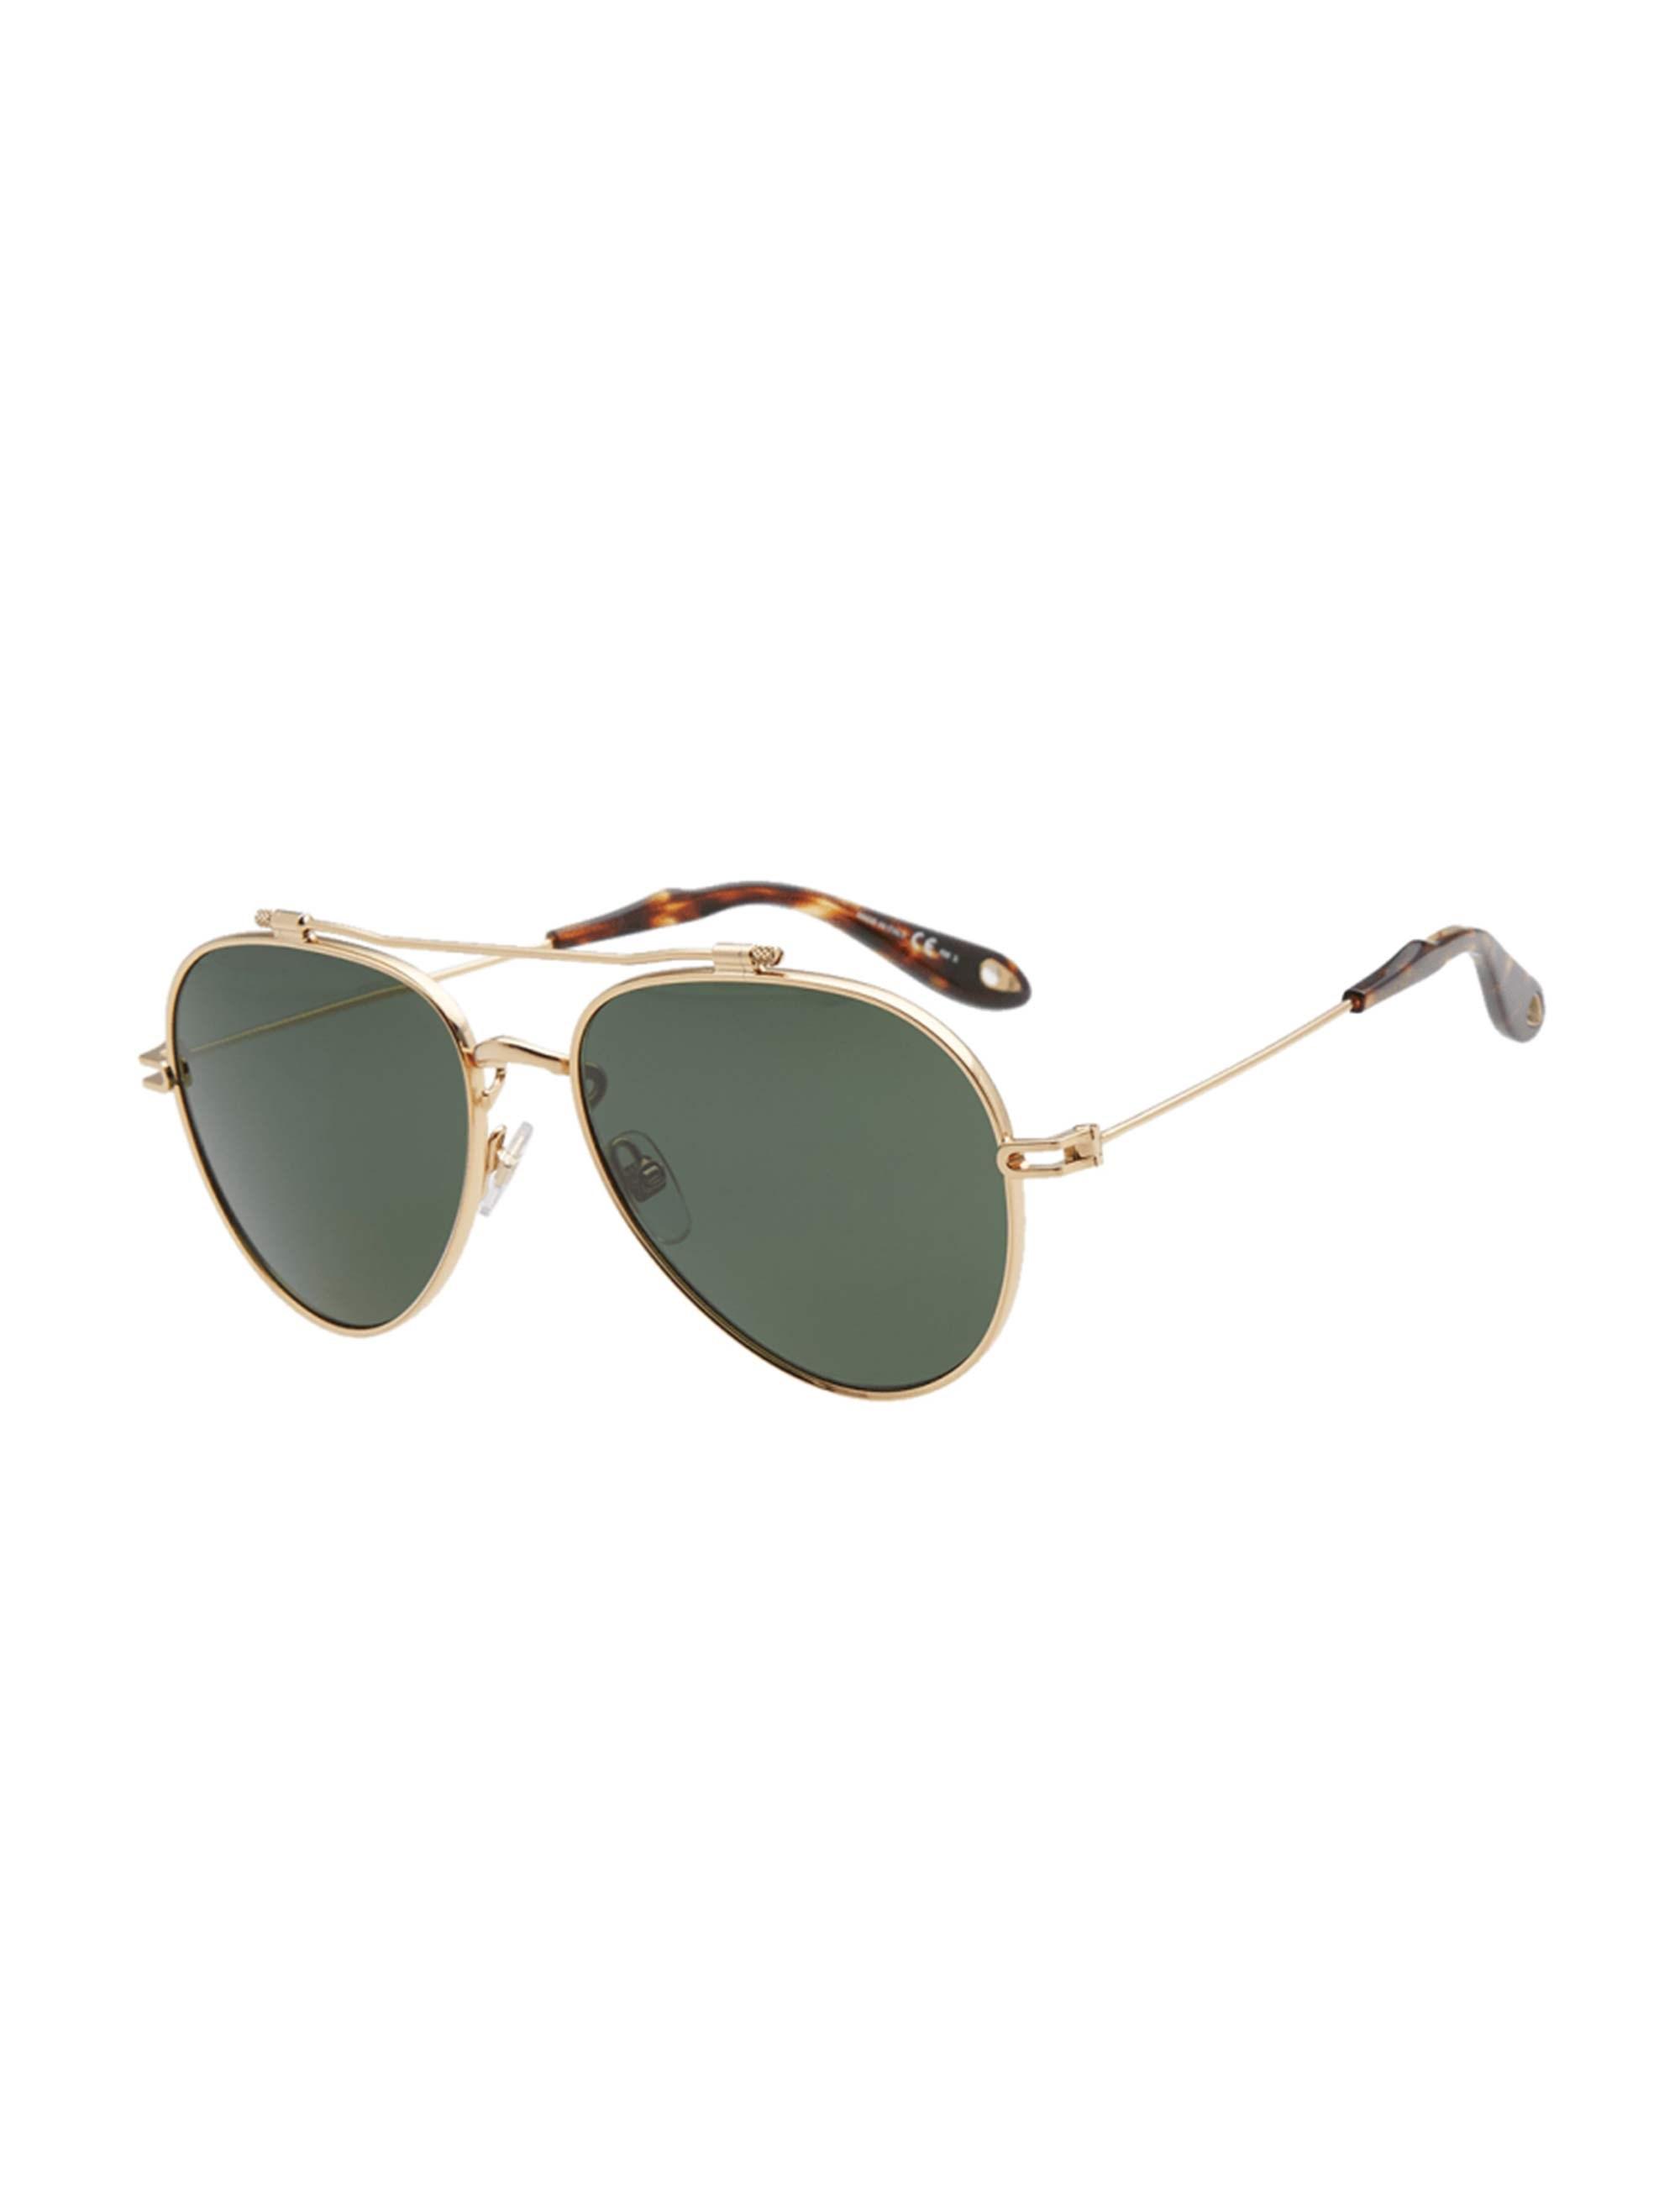 عینک آفتابی خلبانی بزرگسال - ژیوانشی